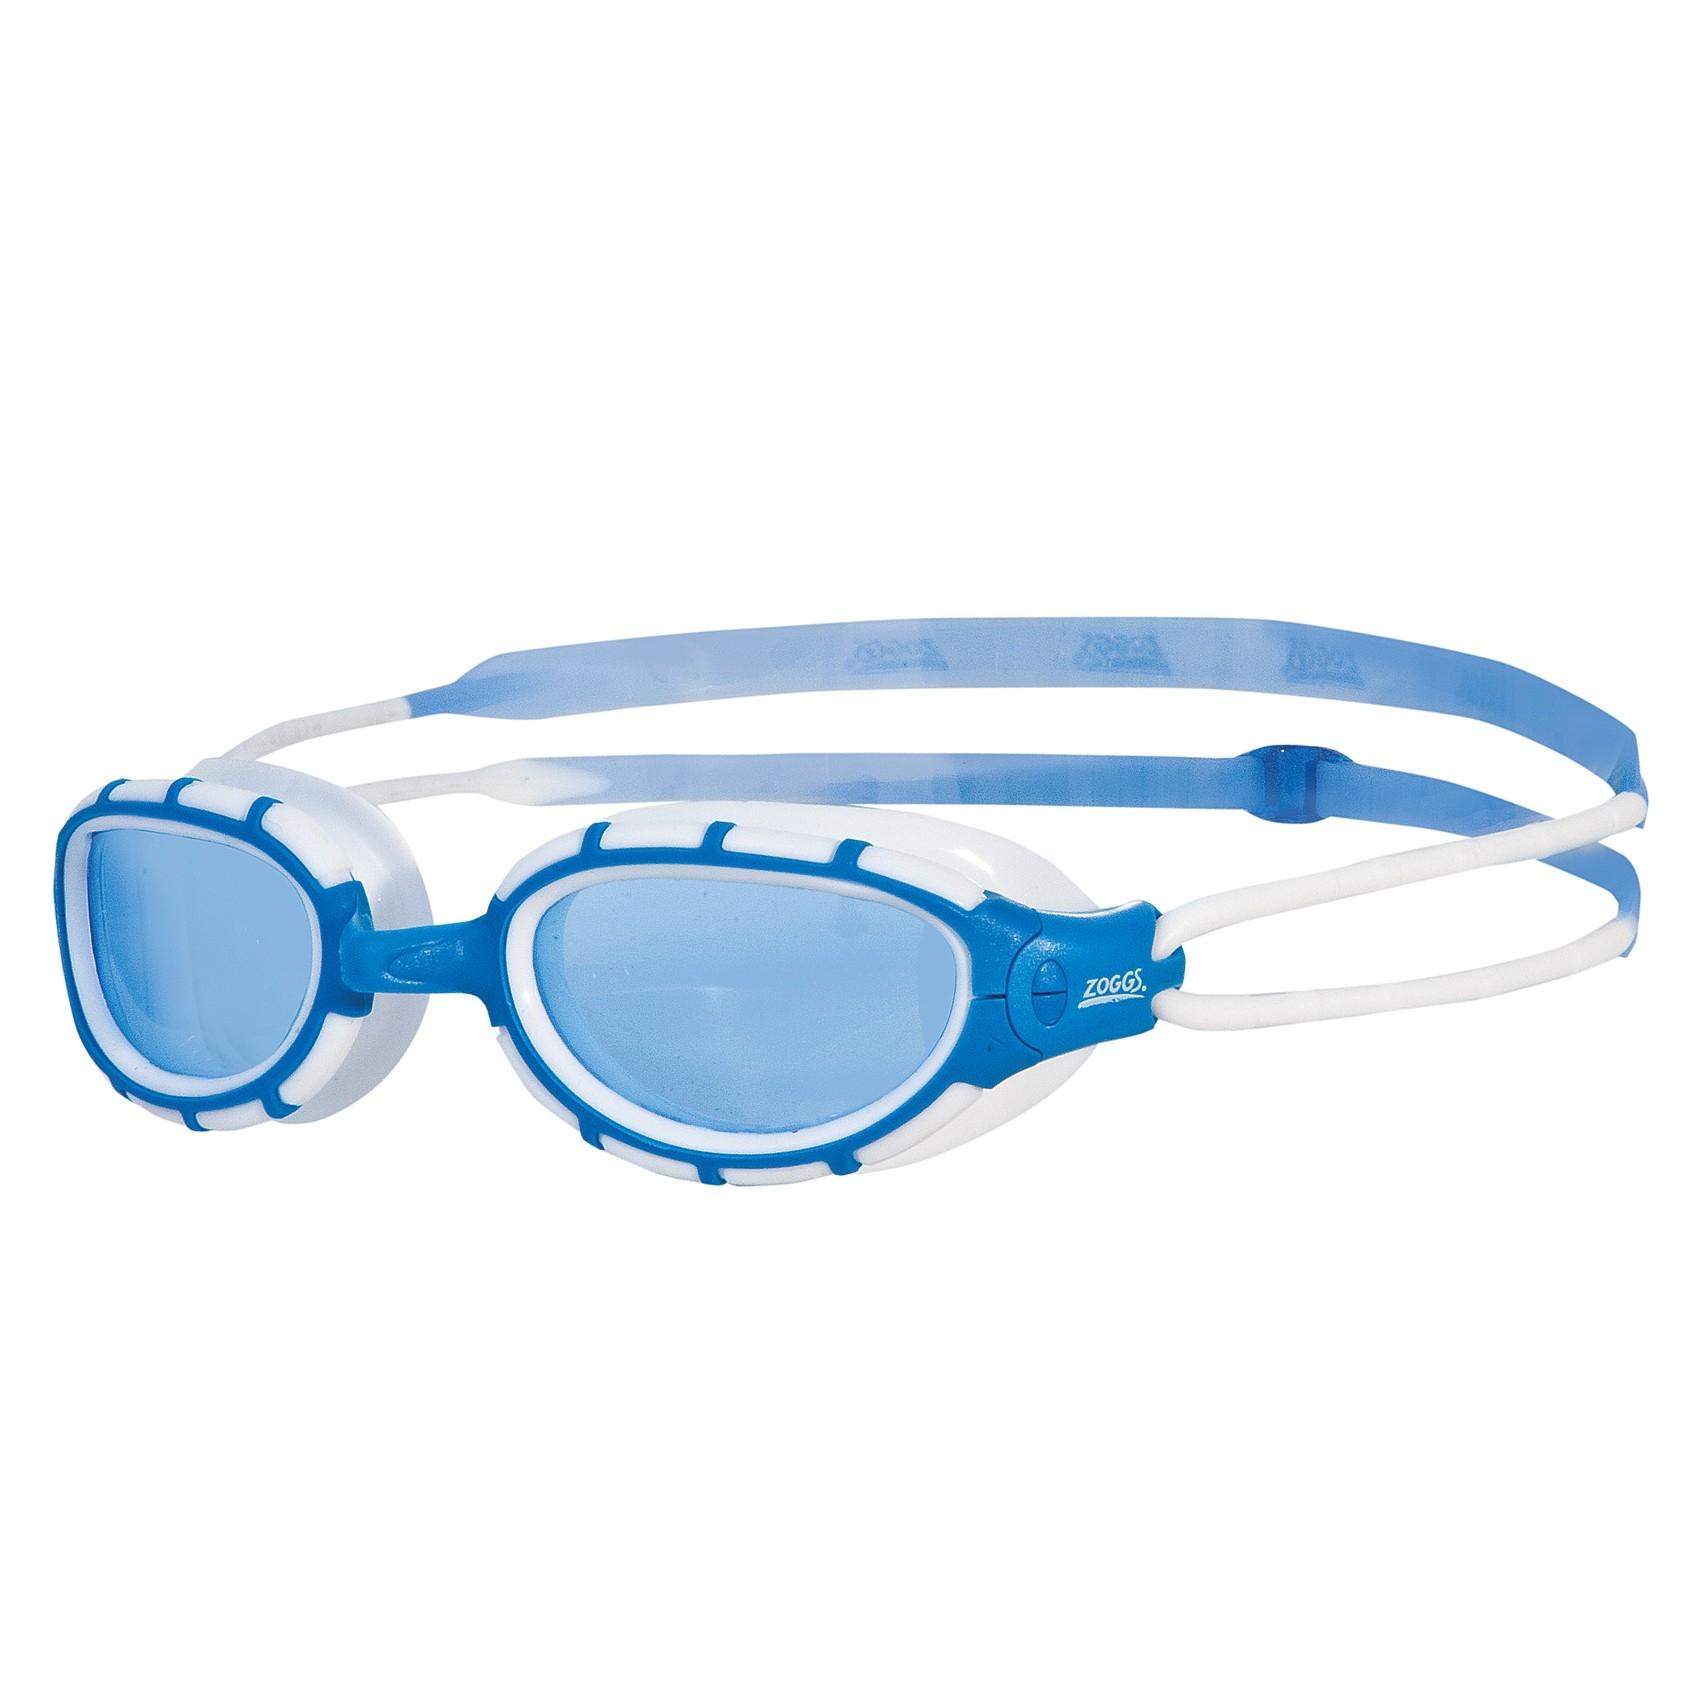 New zoggs predator junior swimming goggles anti fog kids for Pool koi goggles